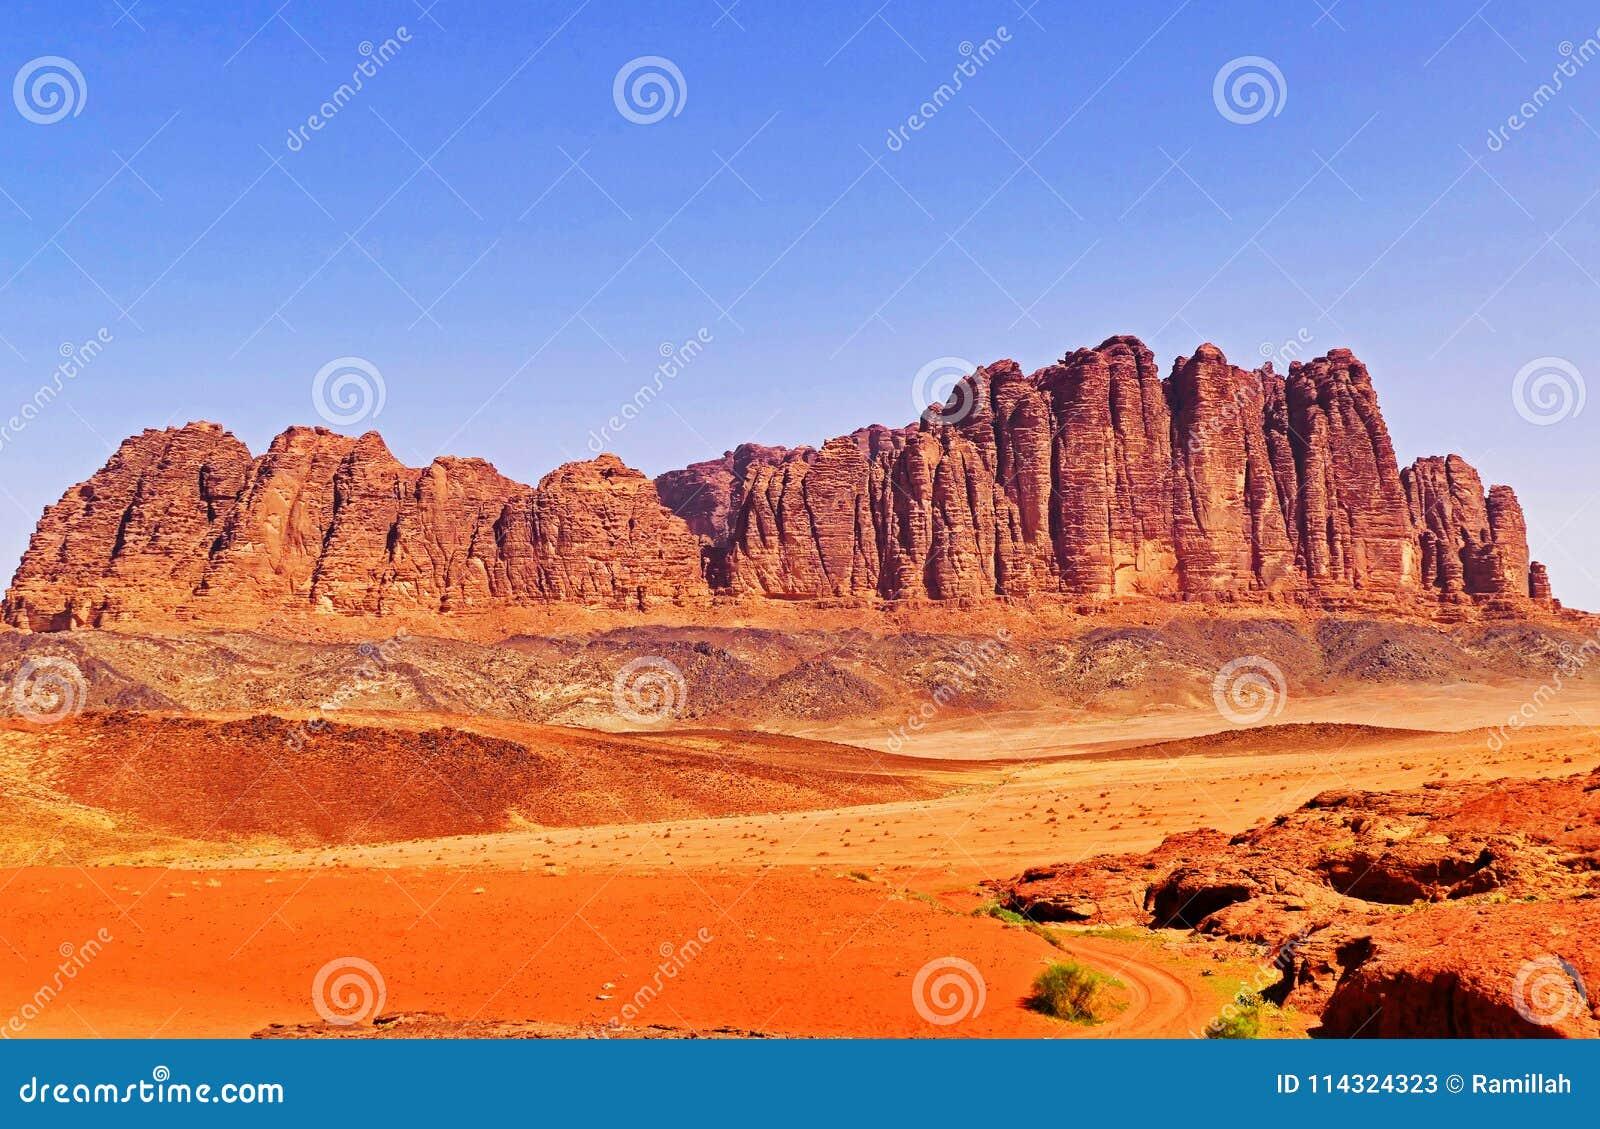 Гора сценарного ландшафта скалистая в пустыне рома вадей, Джордане